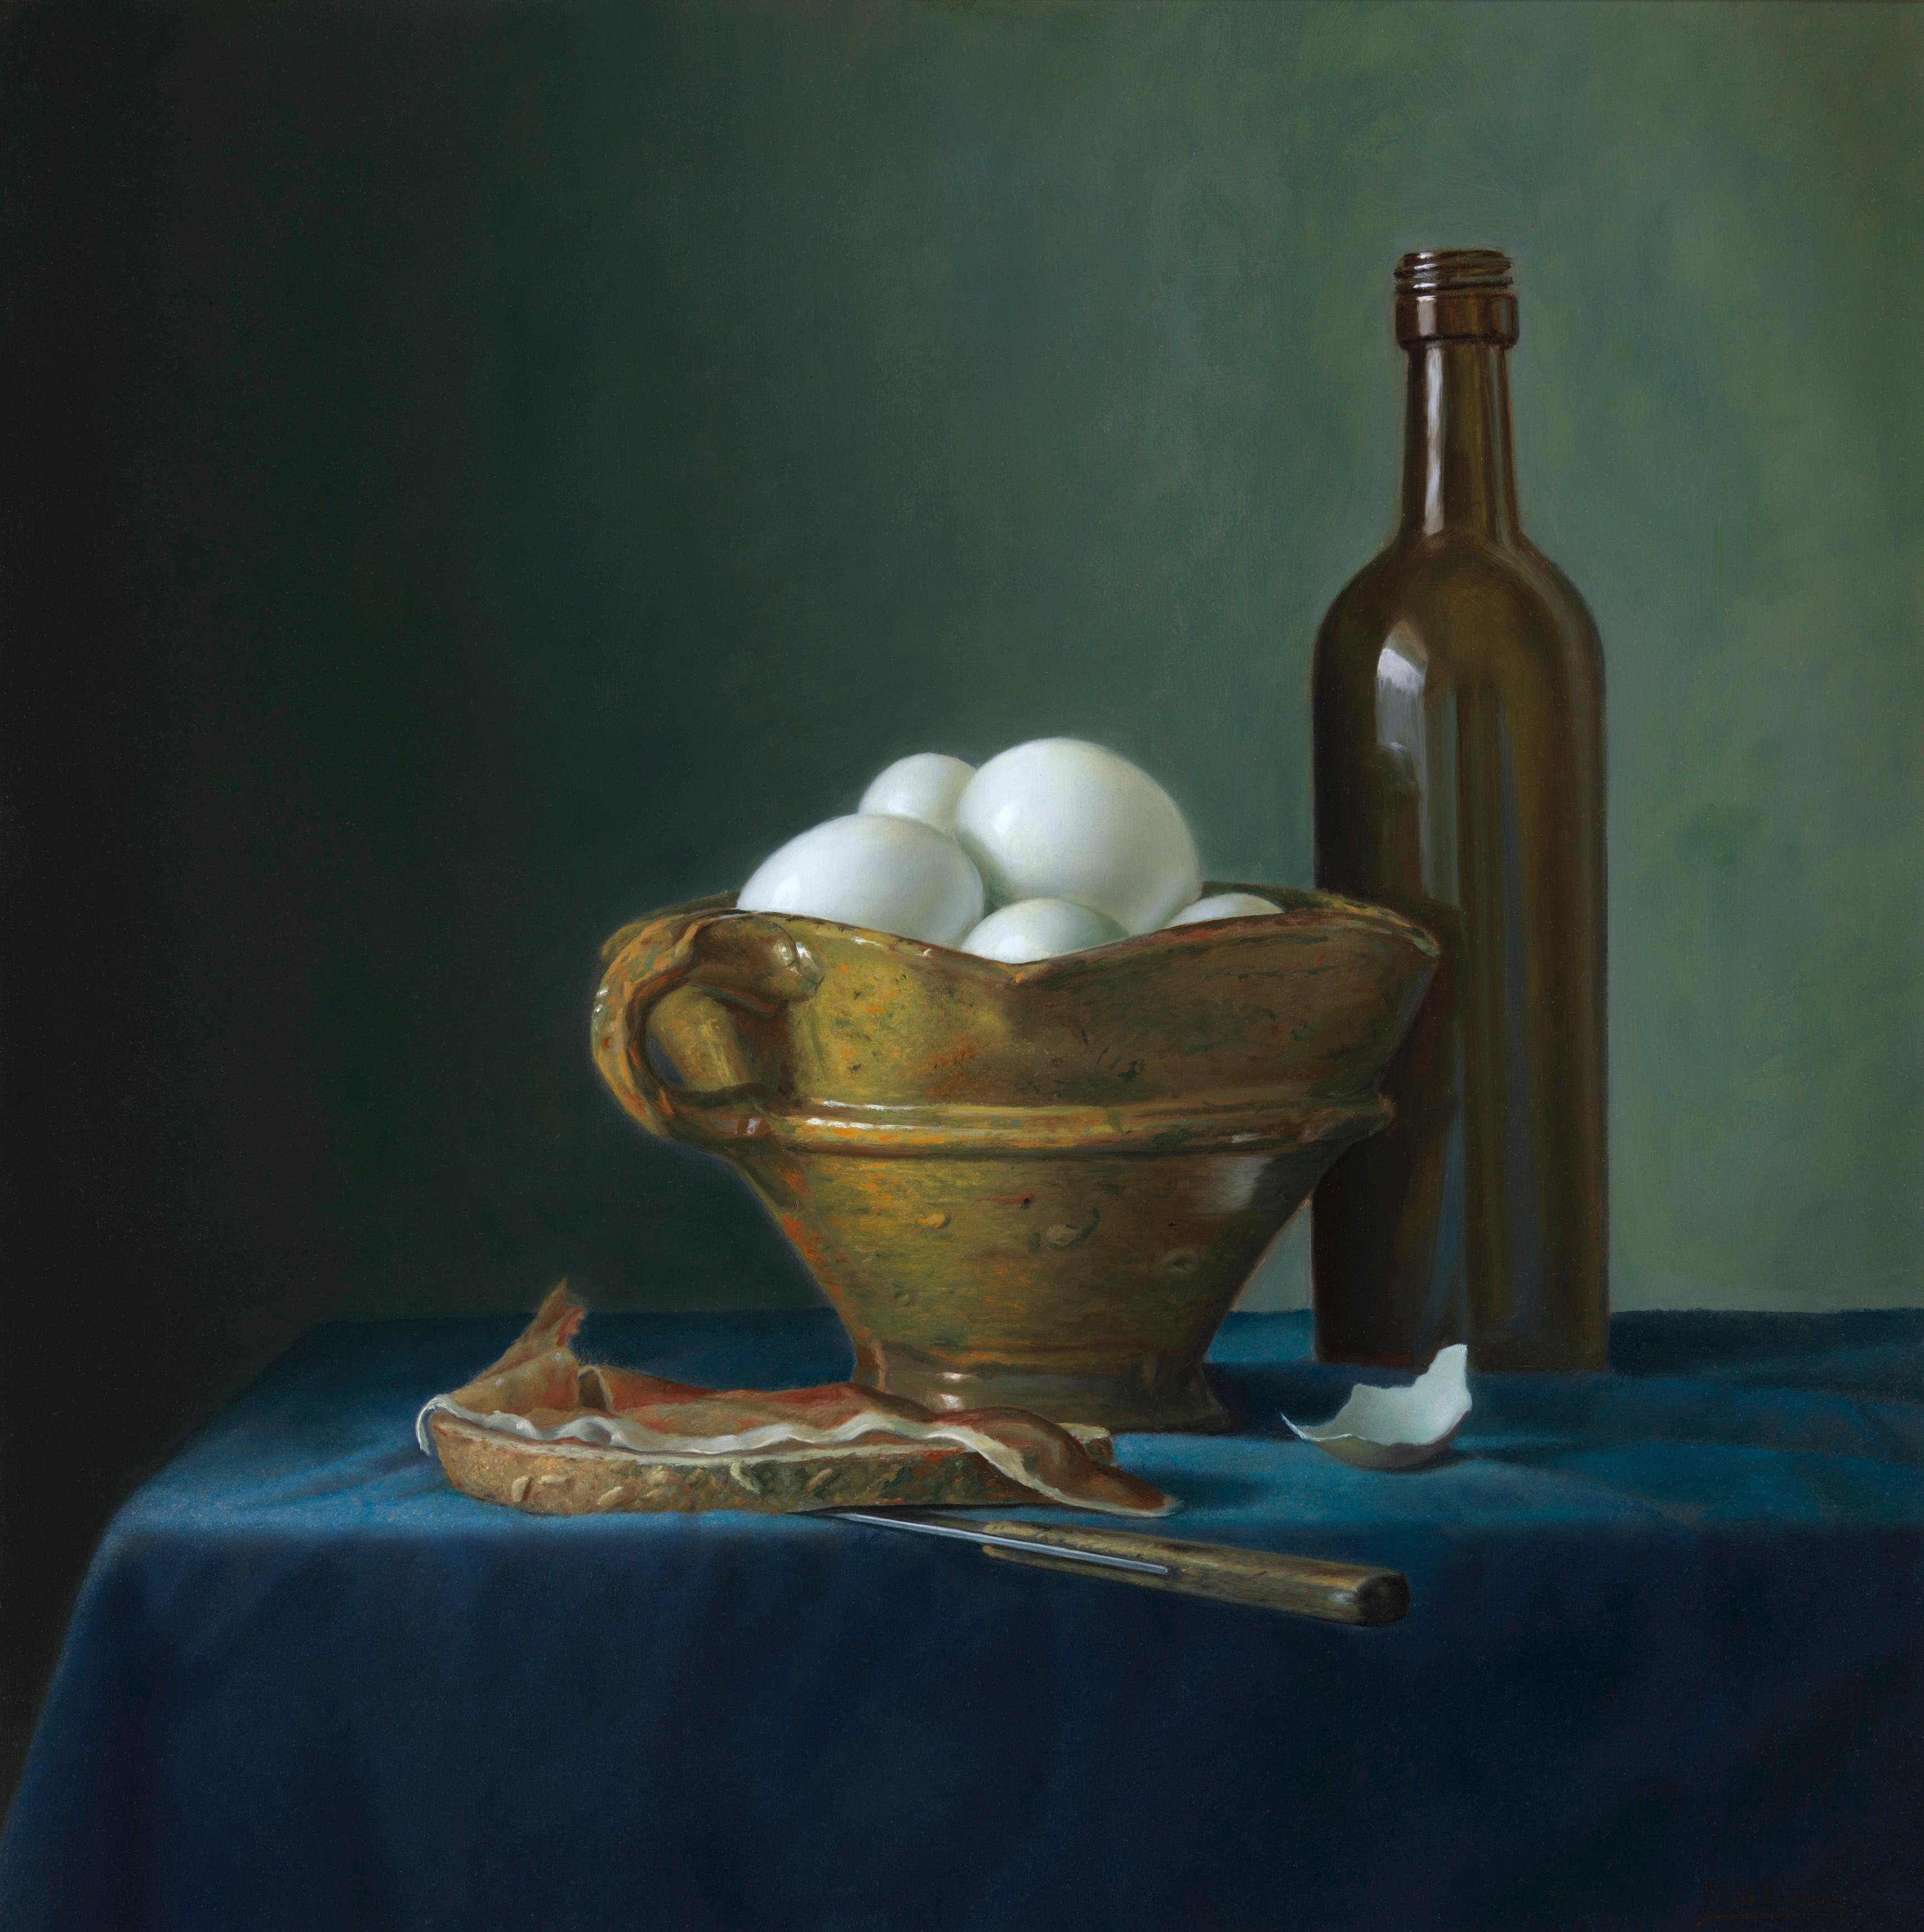 Bread with ham and eggs - Peter van den Borne